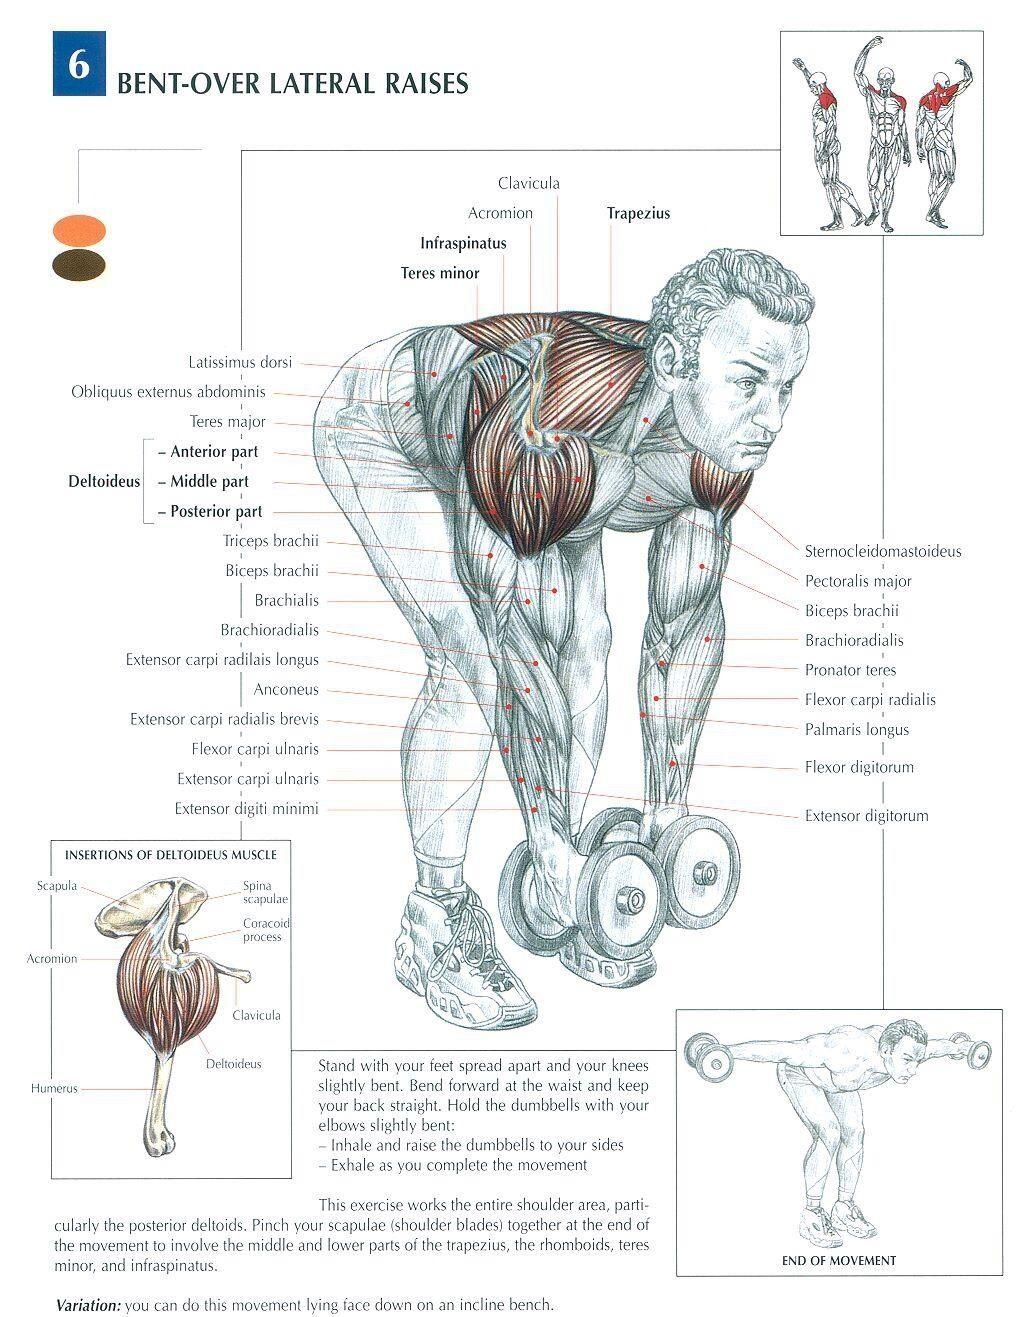 Dcacaacfg  pixels  Muscle